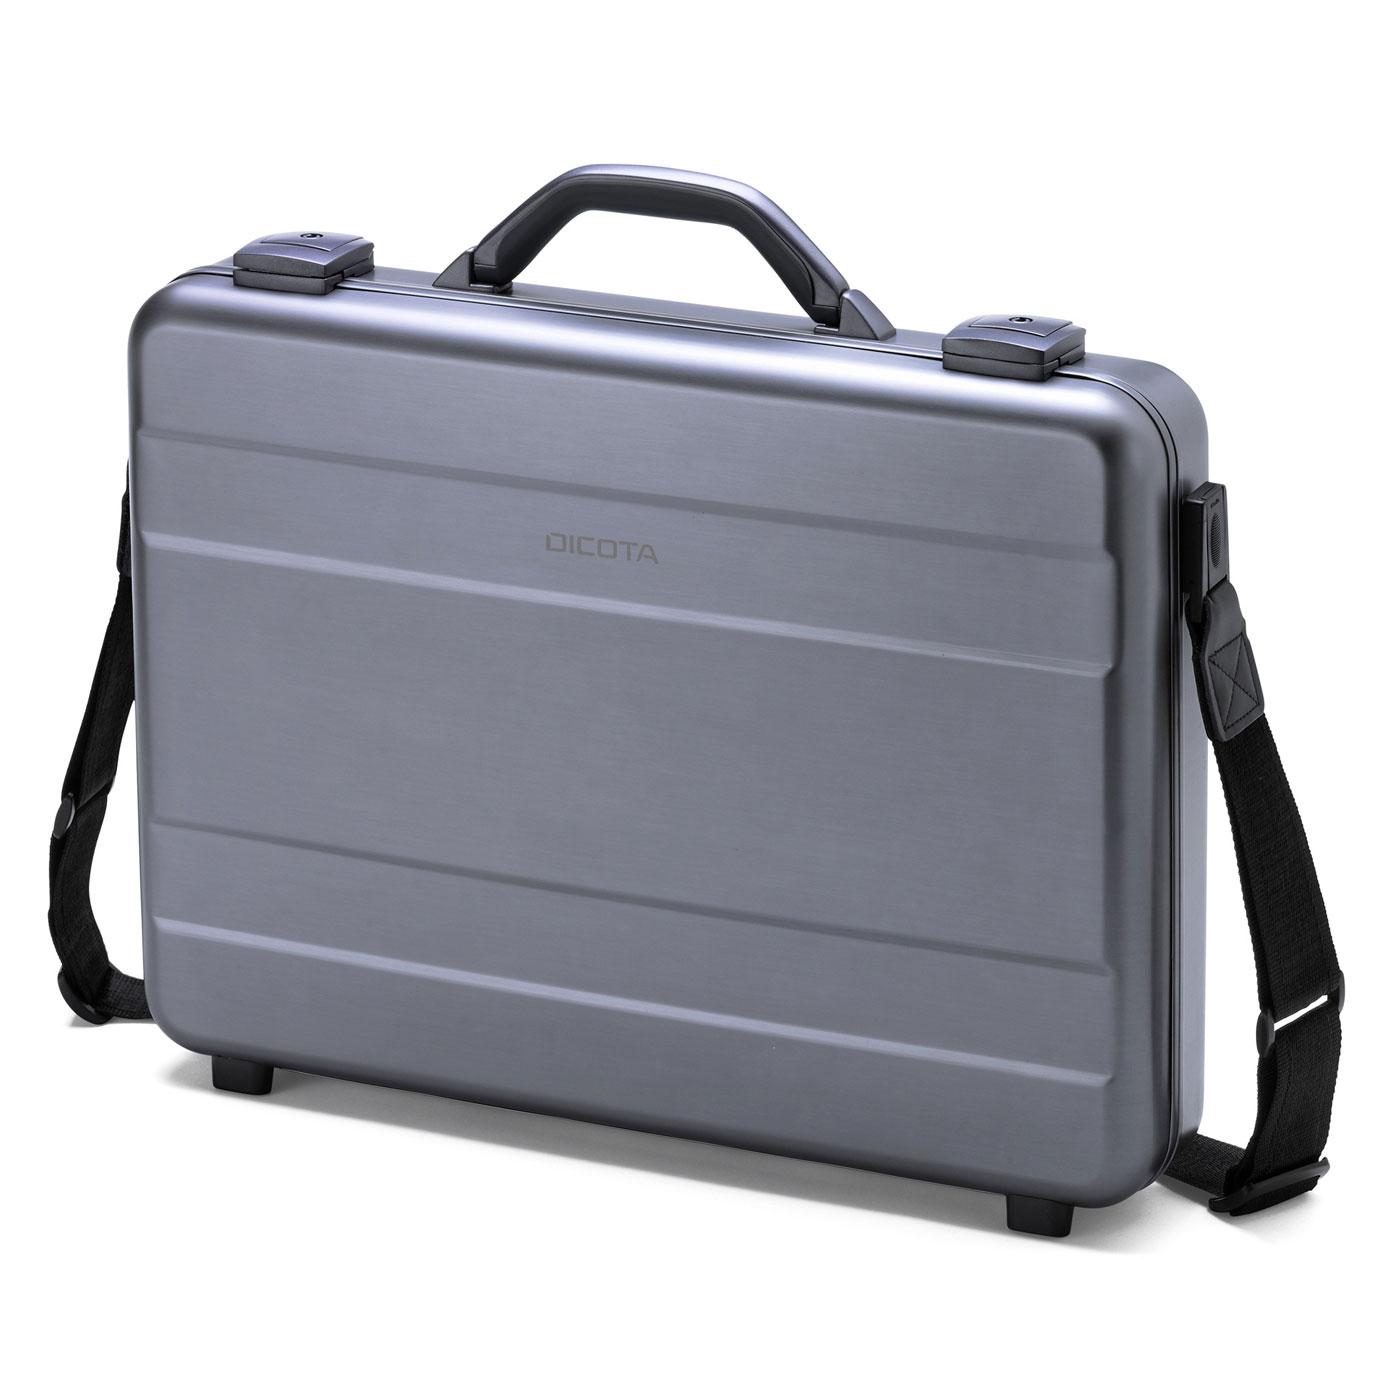 53d2b716db Mallette pour ordinateur portable 17 pouce ▷ Test et comparatif : notre  avis pour trouver le meilleur produit